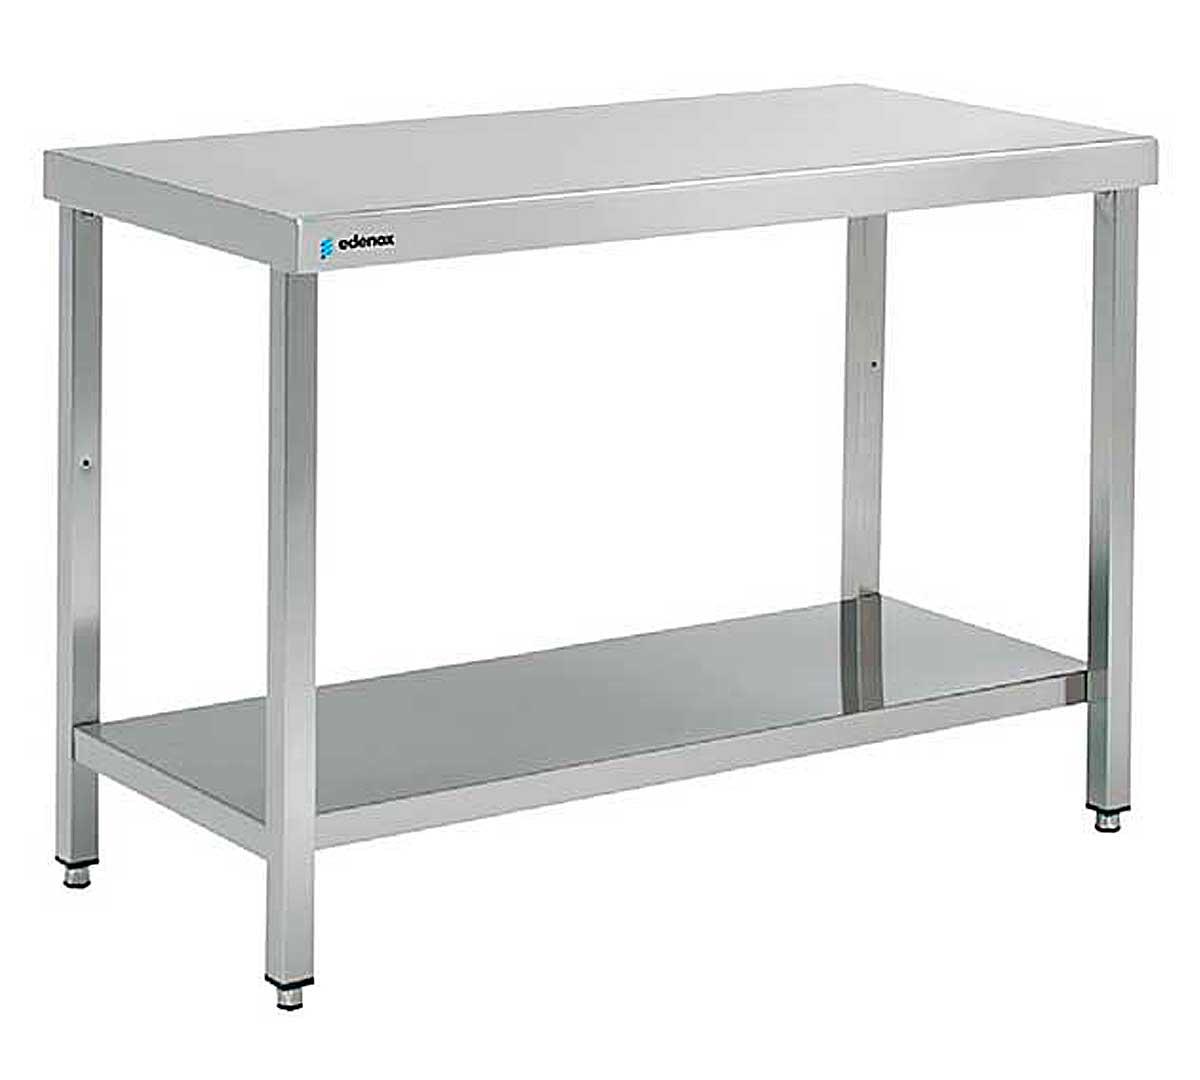 Mesa central gama 600 de edenox - Mesa de trabajo cocina ...